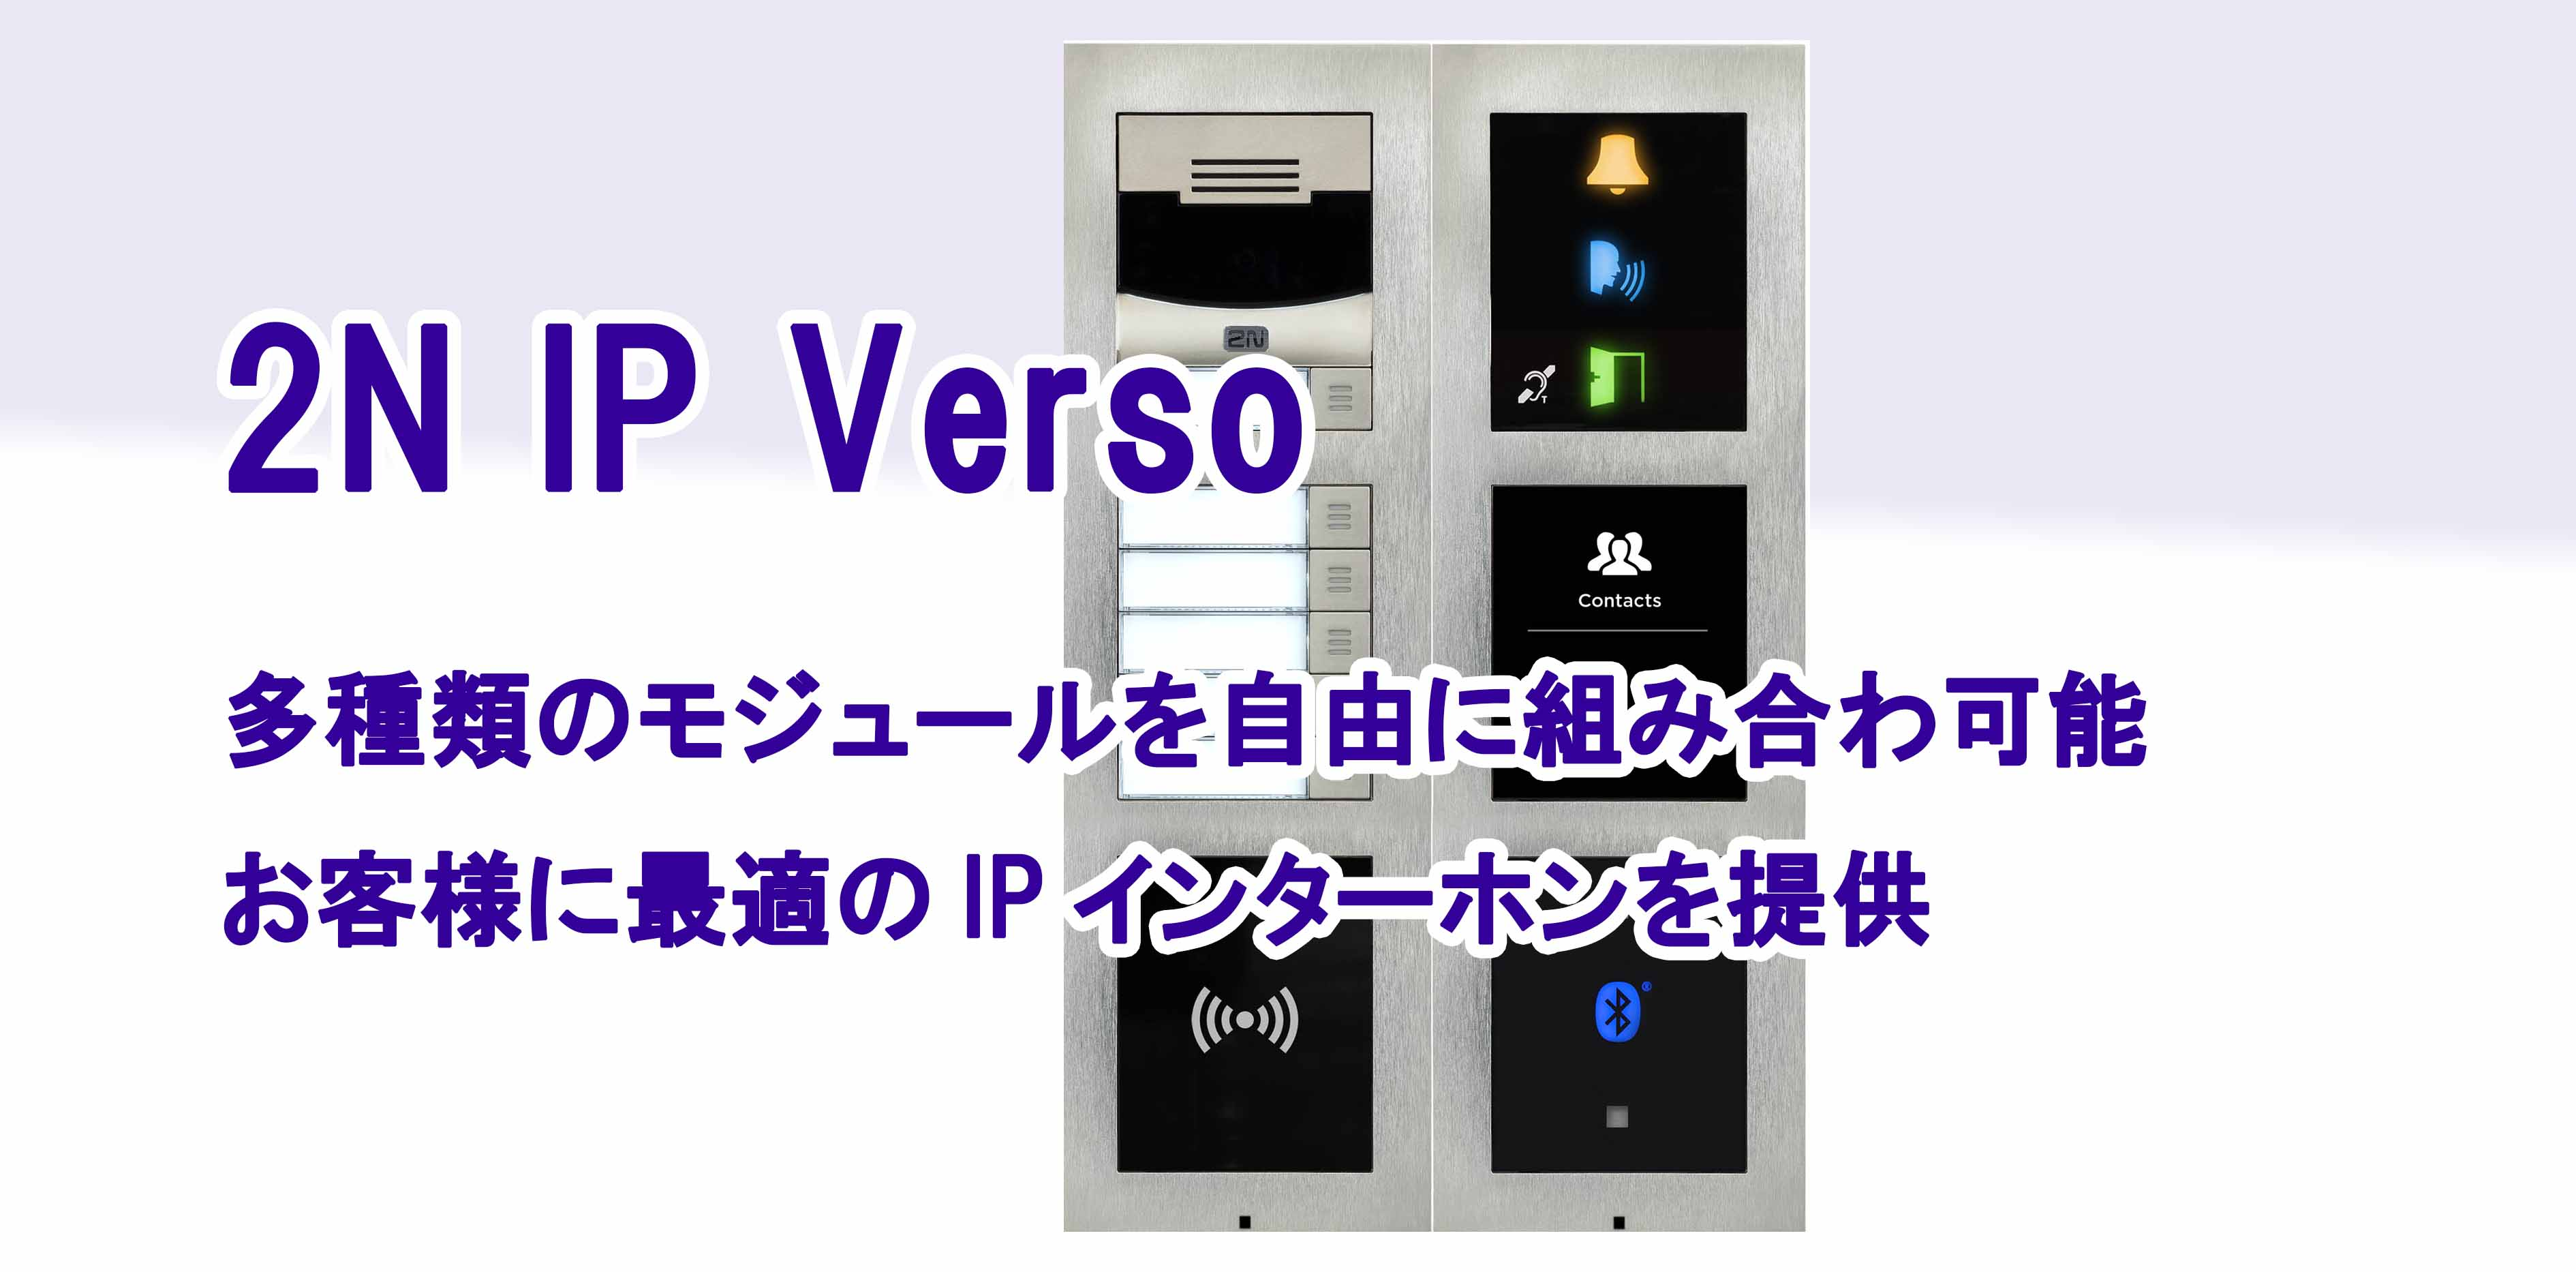 IP Verso